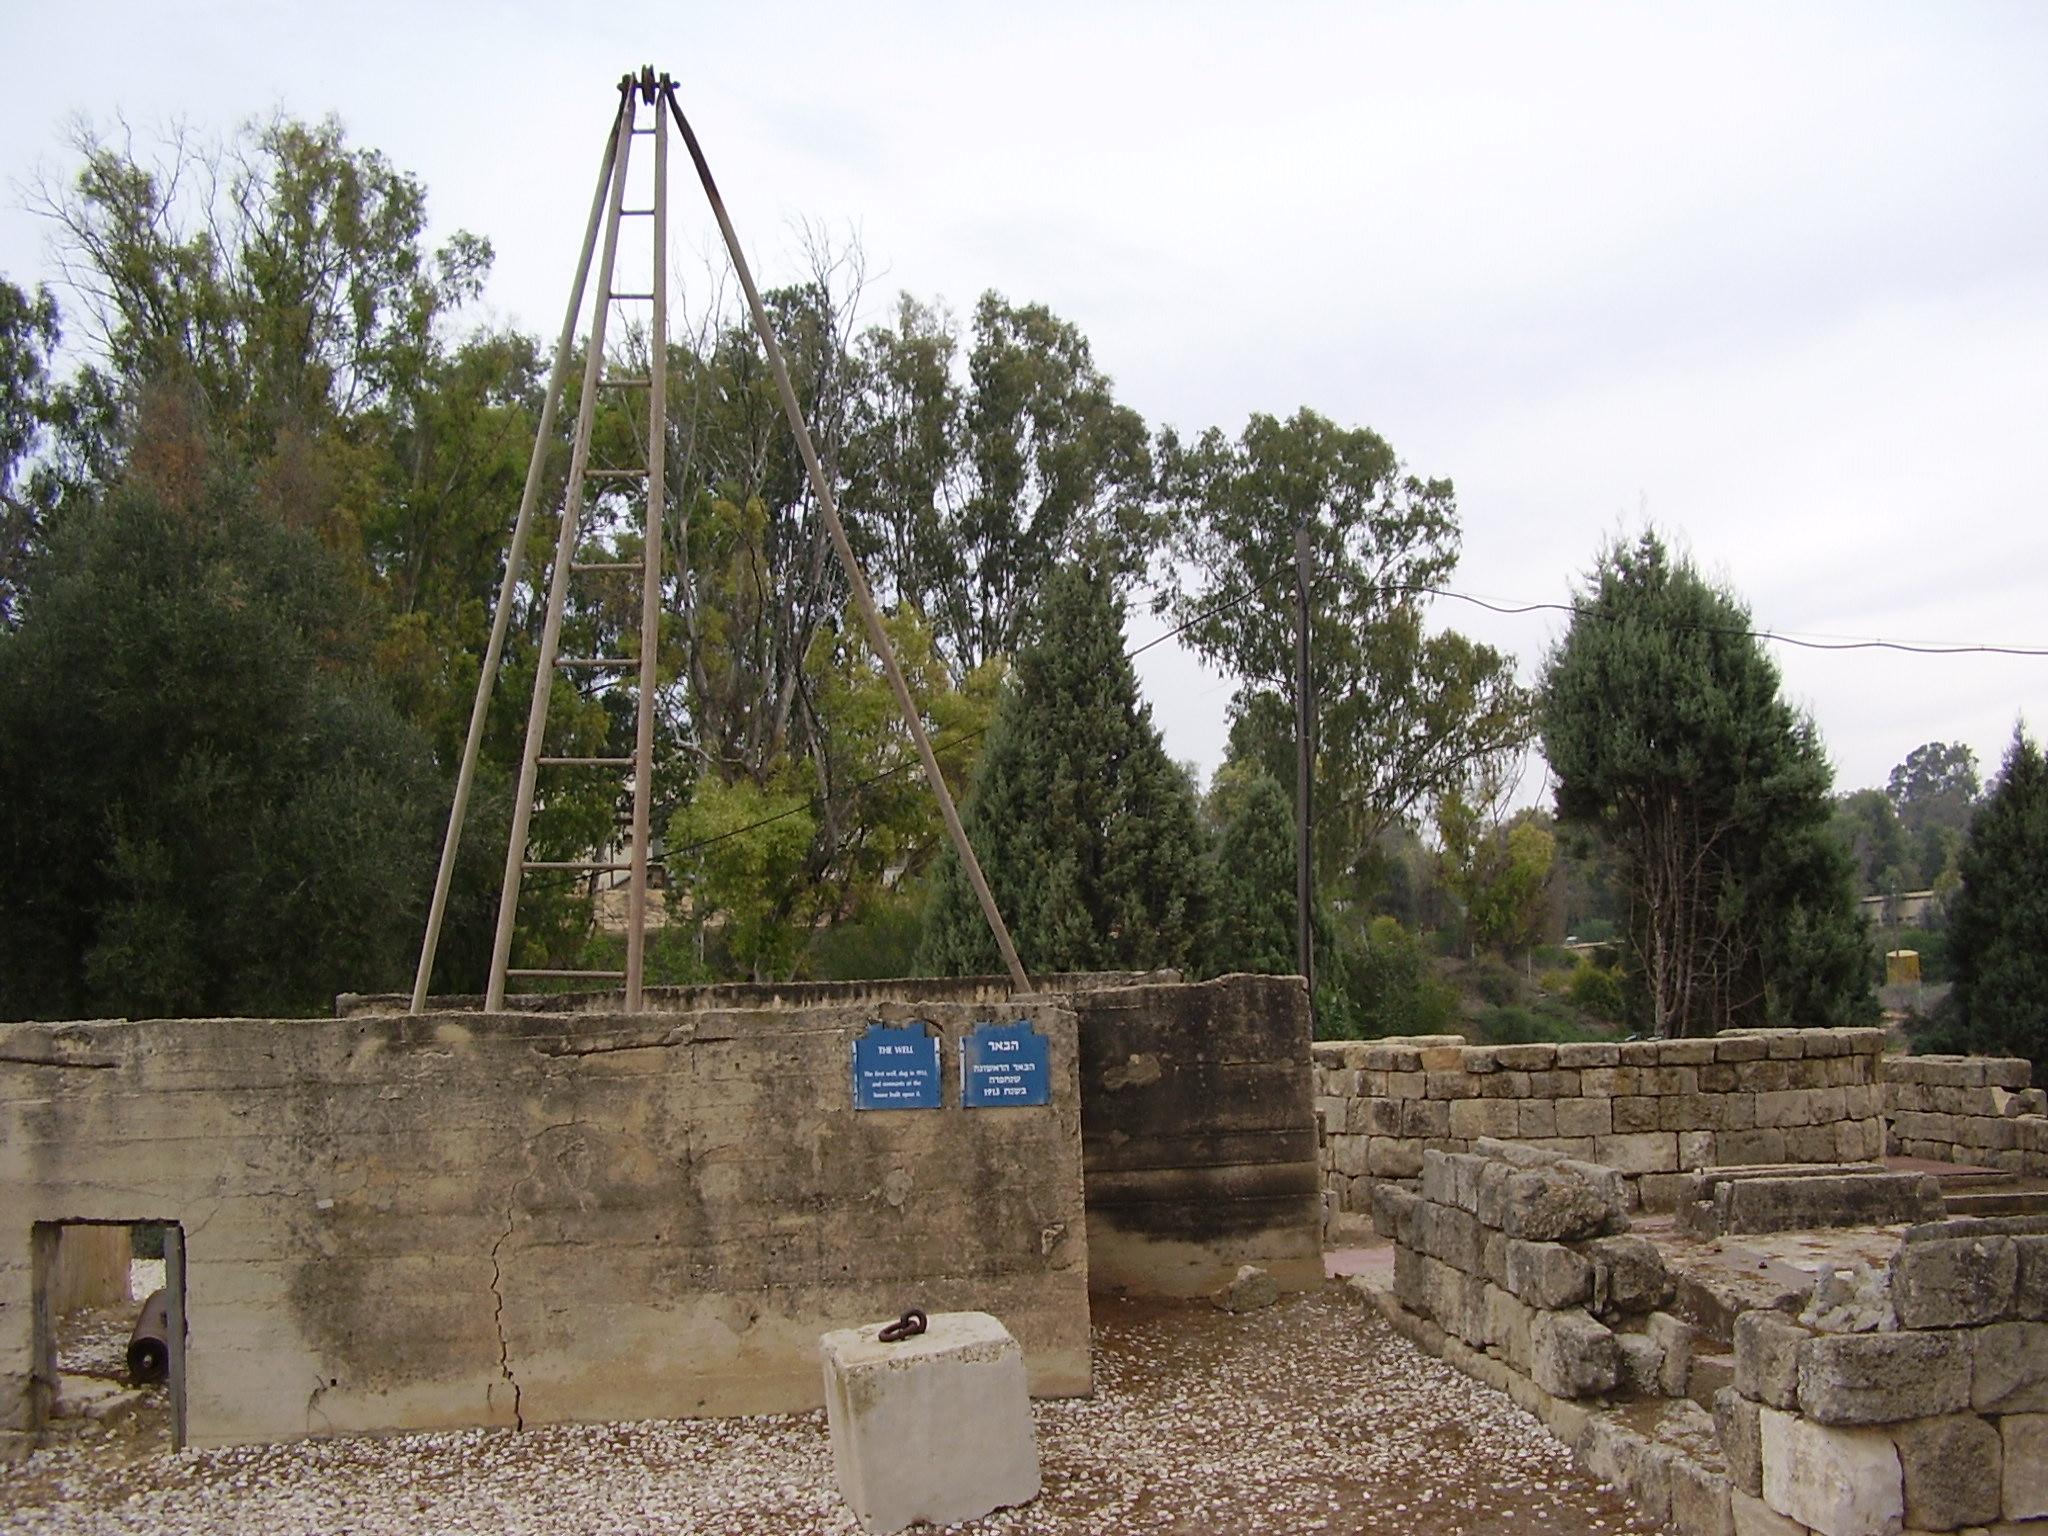 הבאר העברית הראשונה בנגב - קיבוץ רוחמה - צילום: אבישי טייכר